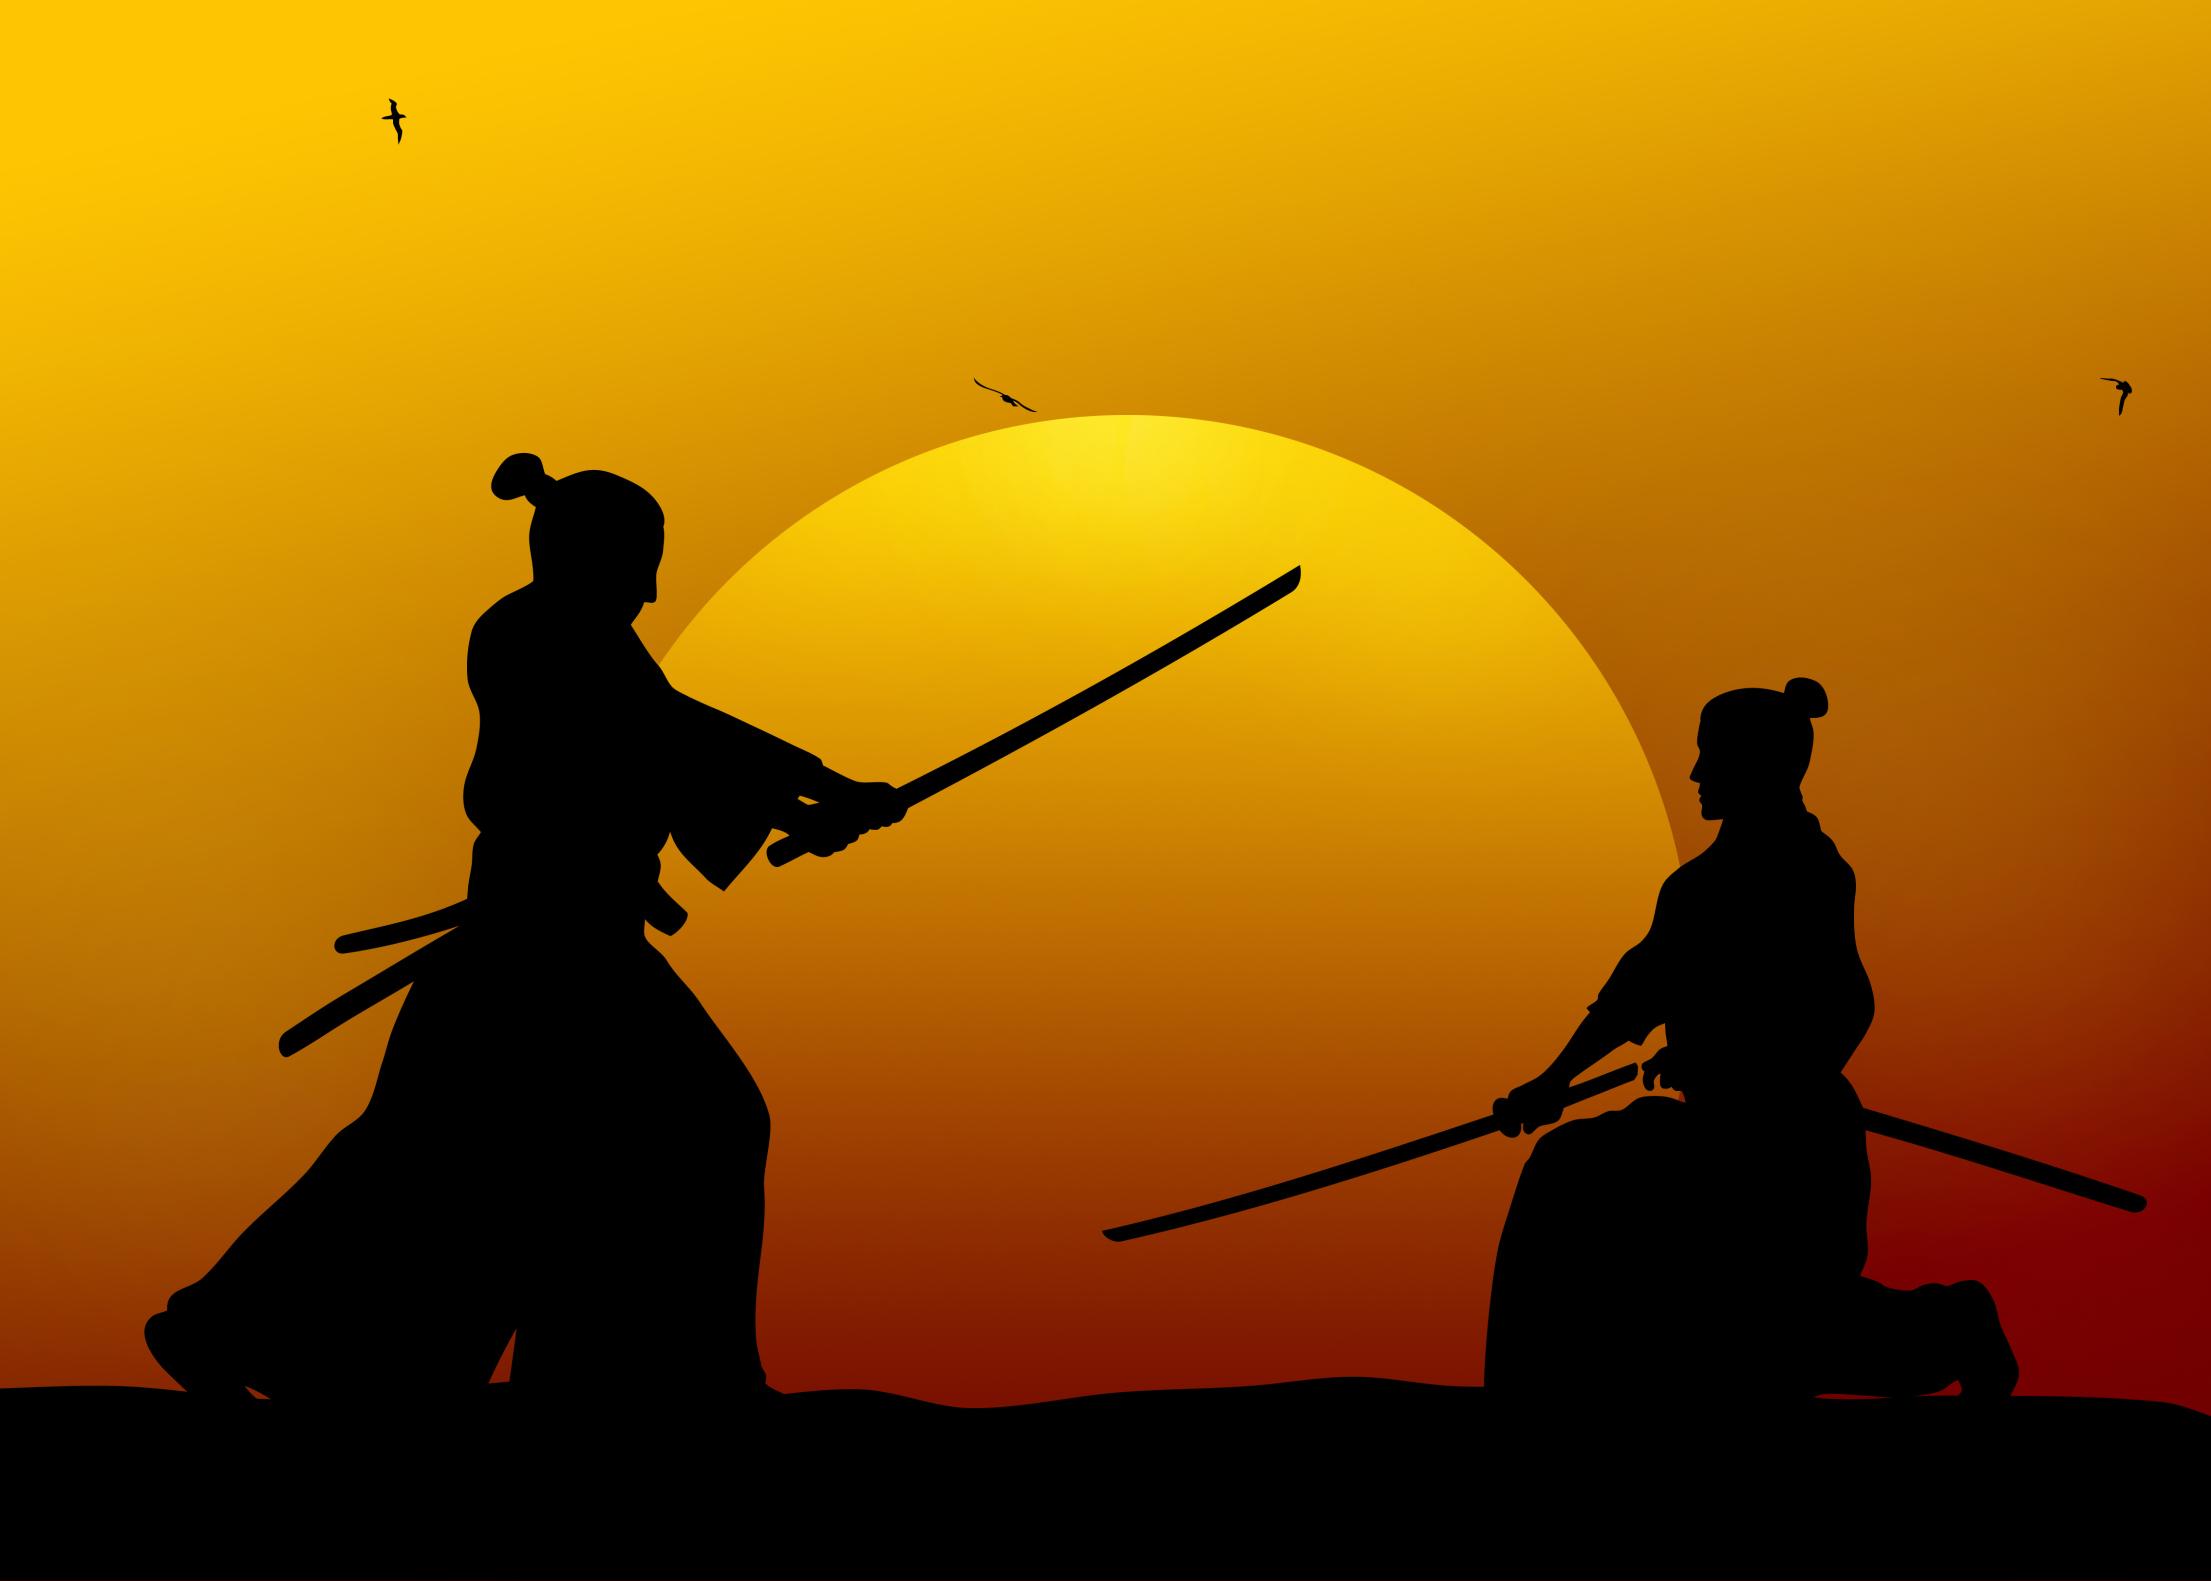 Konec pacifismu v zemi vycházejícího slunce